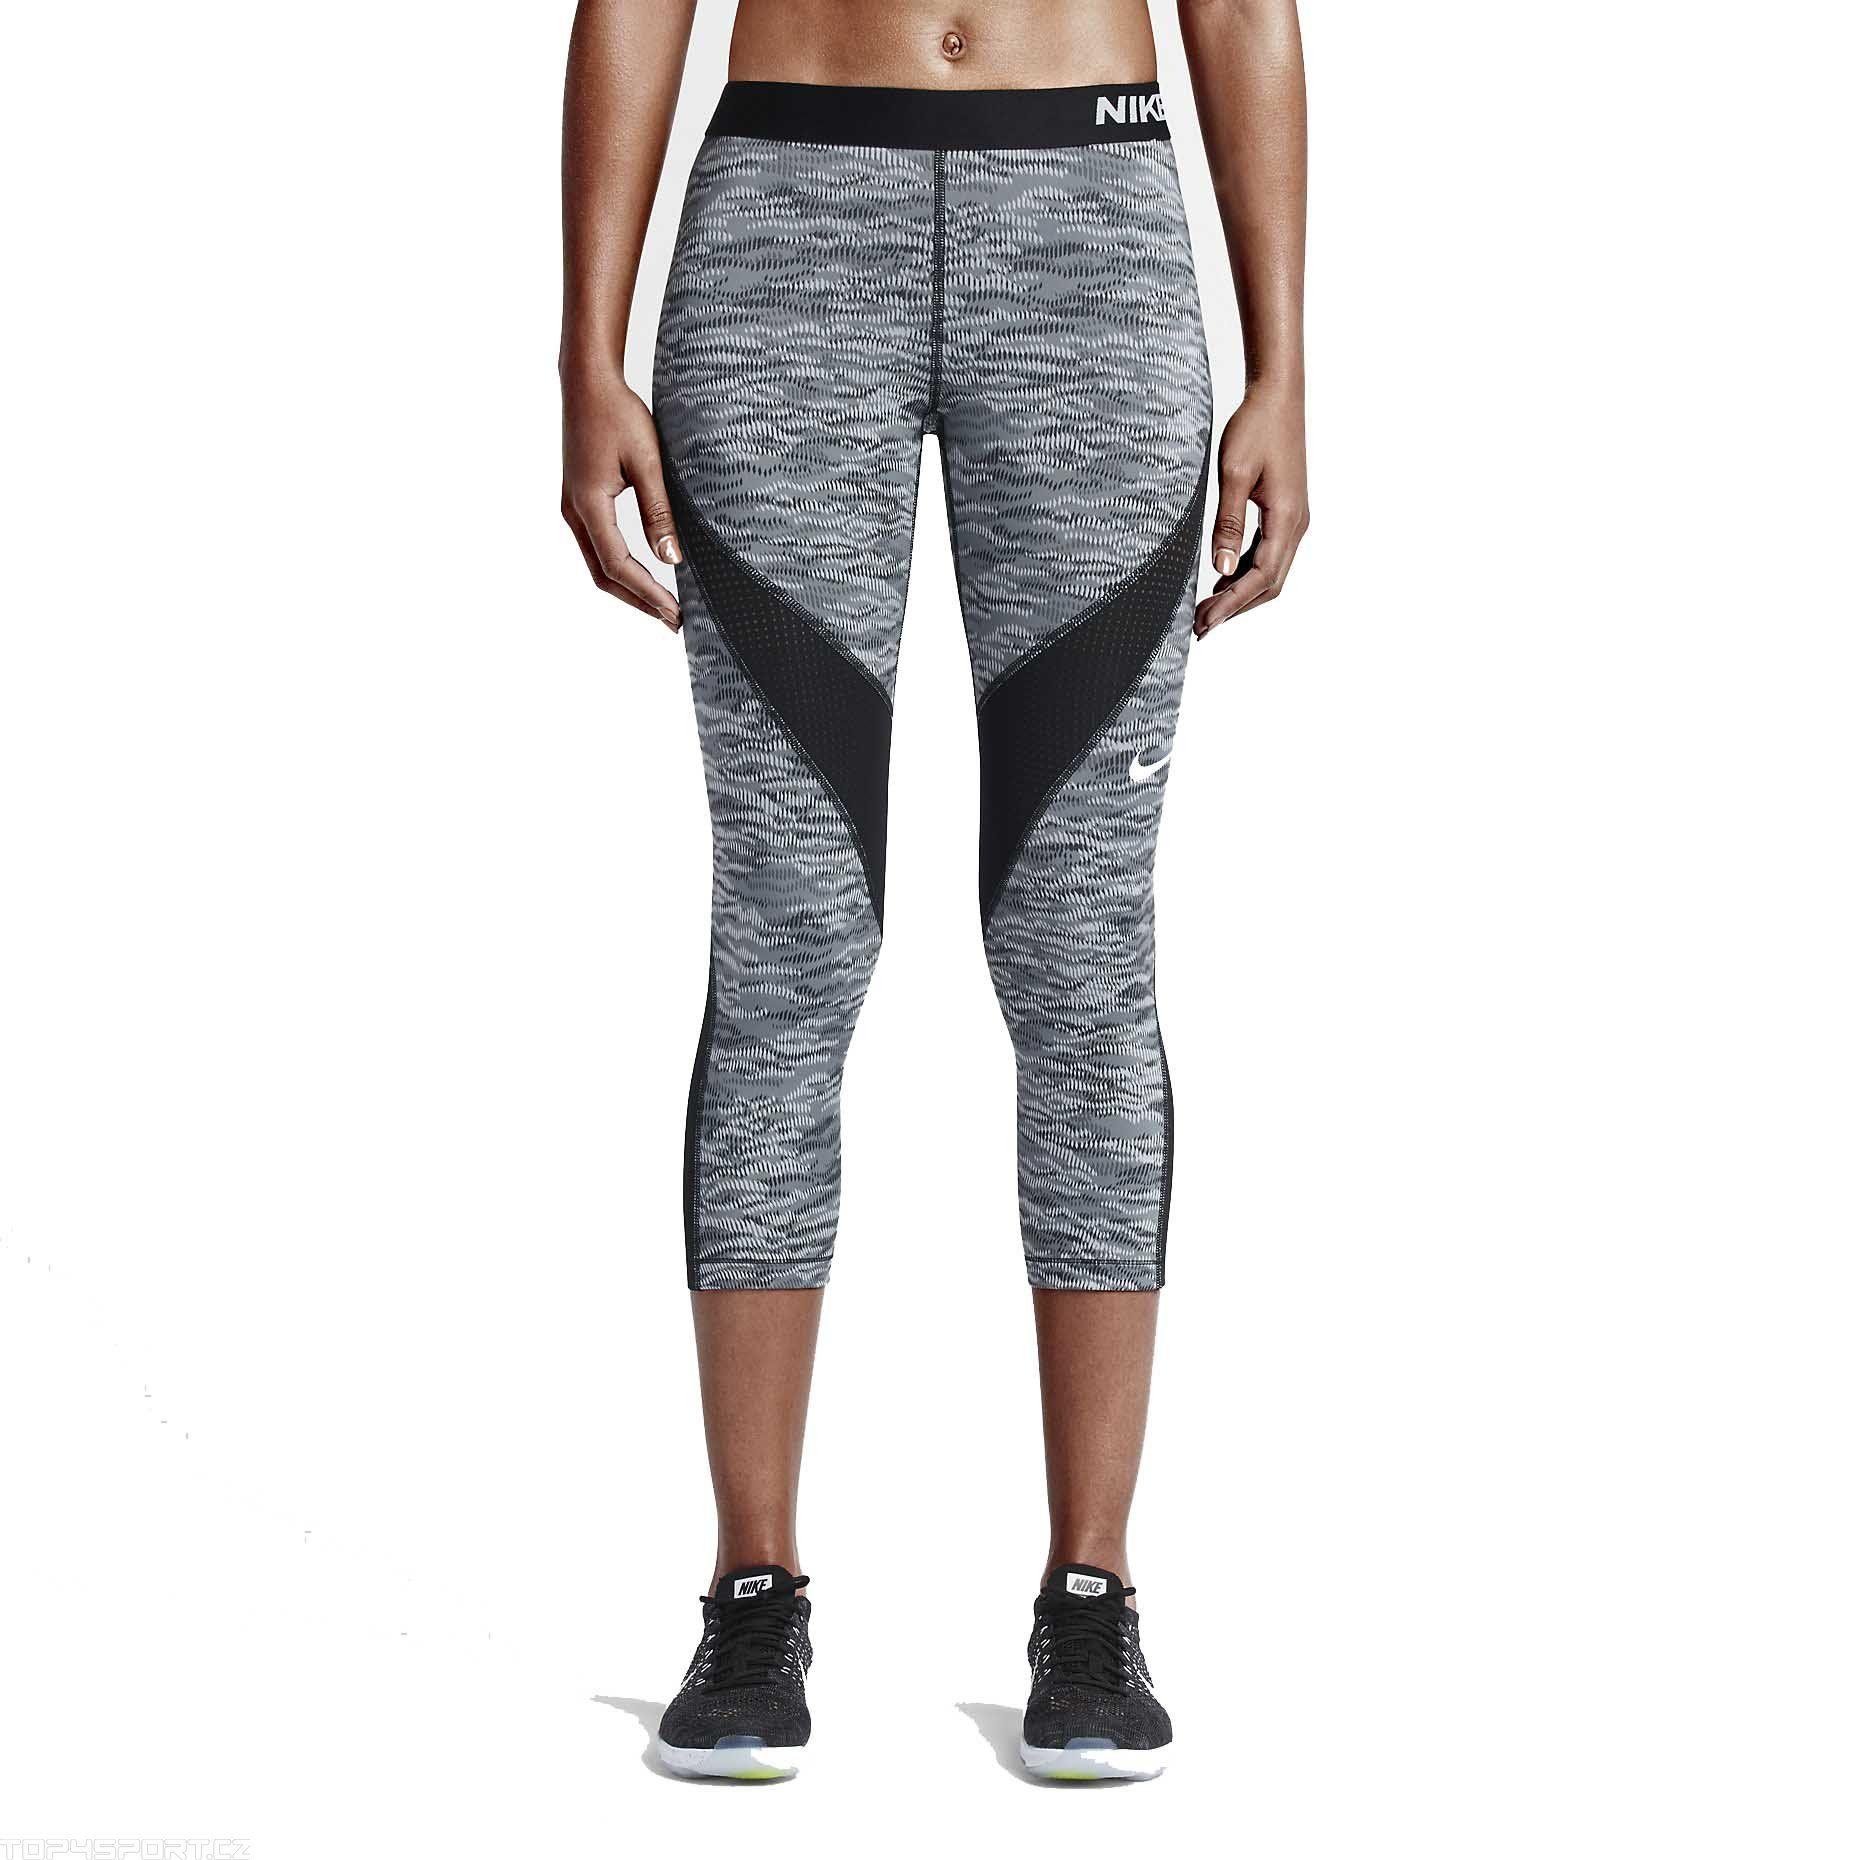 HC und PRO CAPRI Hosen Nike REFLECTNike prosSchwarz D9EIWH2